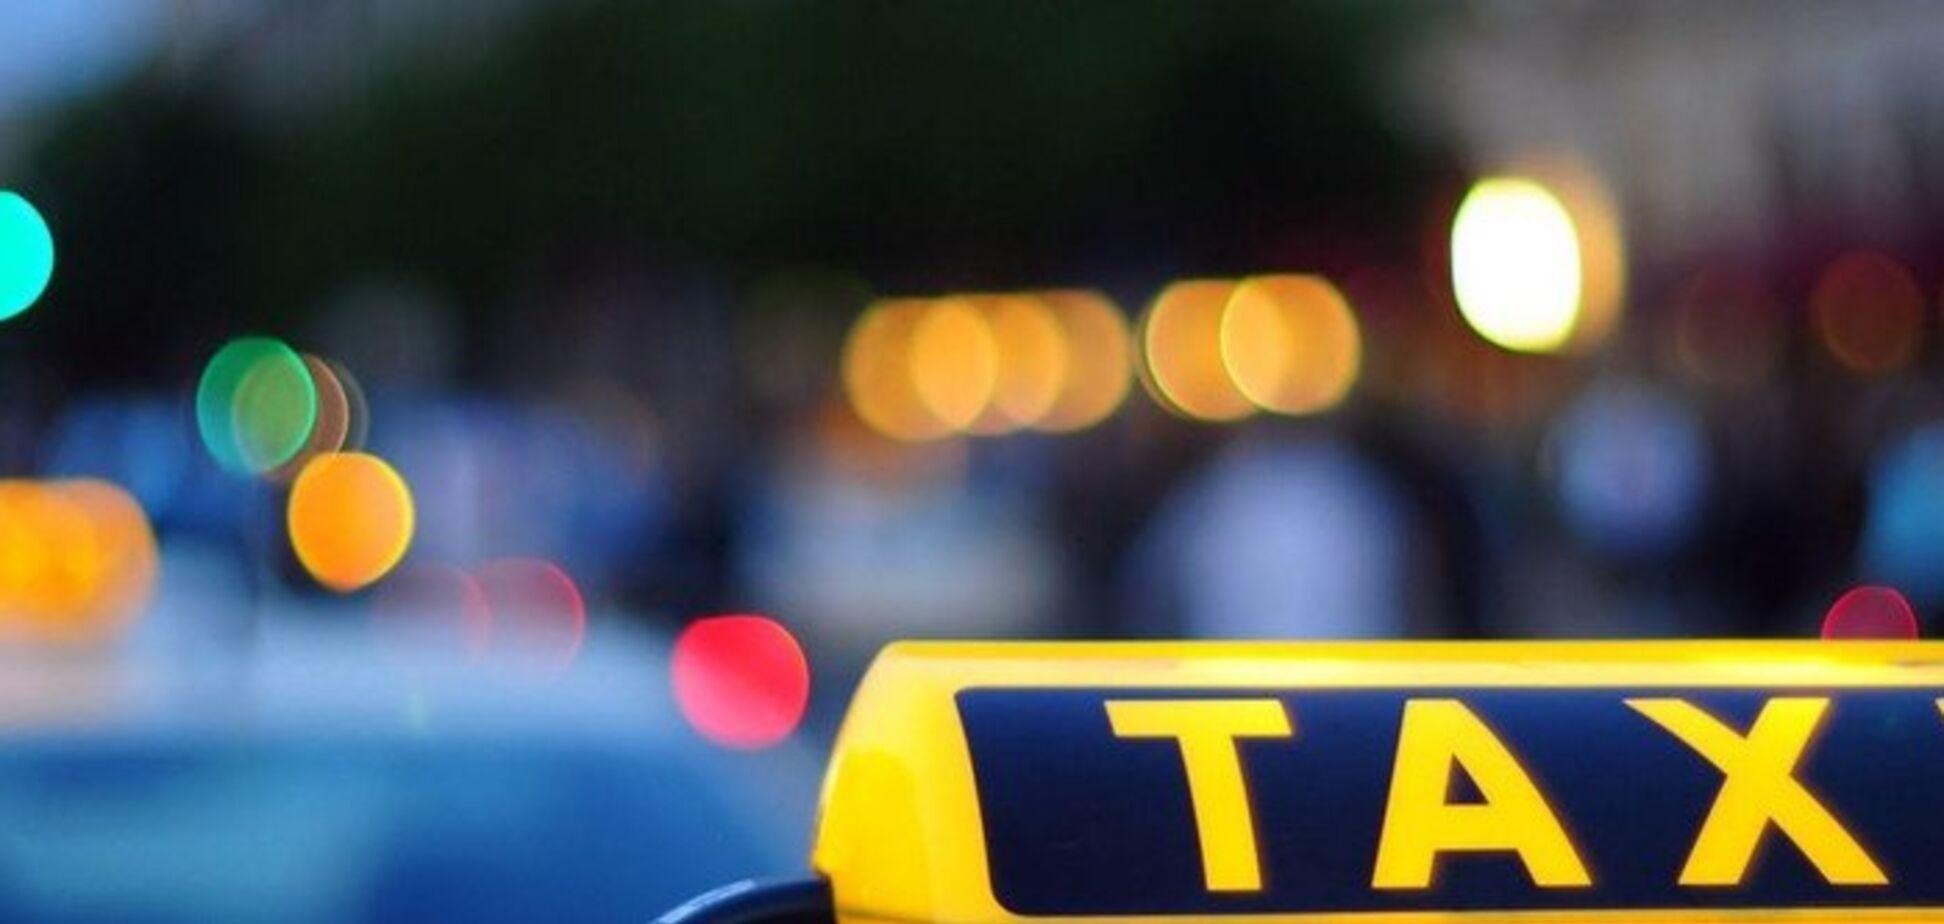 Вимагав долари: в Одесі таксист потрапив у скандал із іноземним туристом